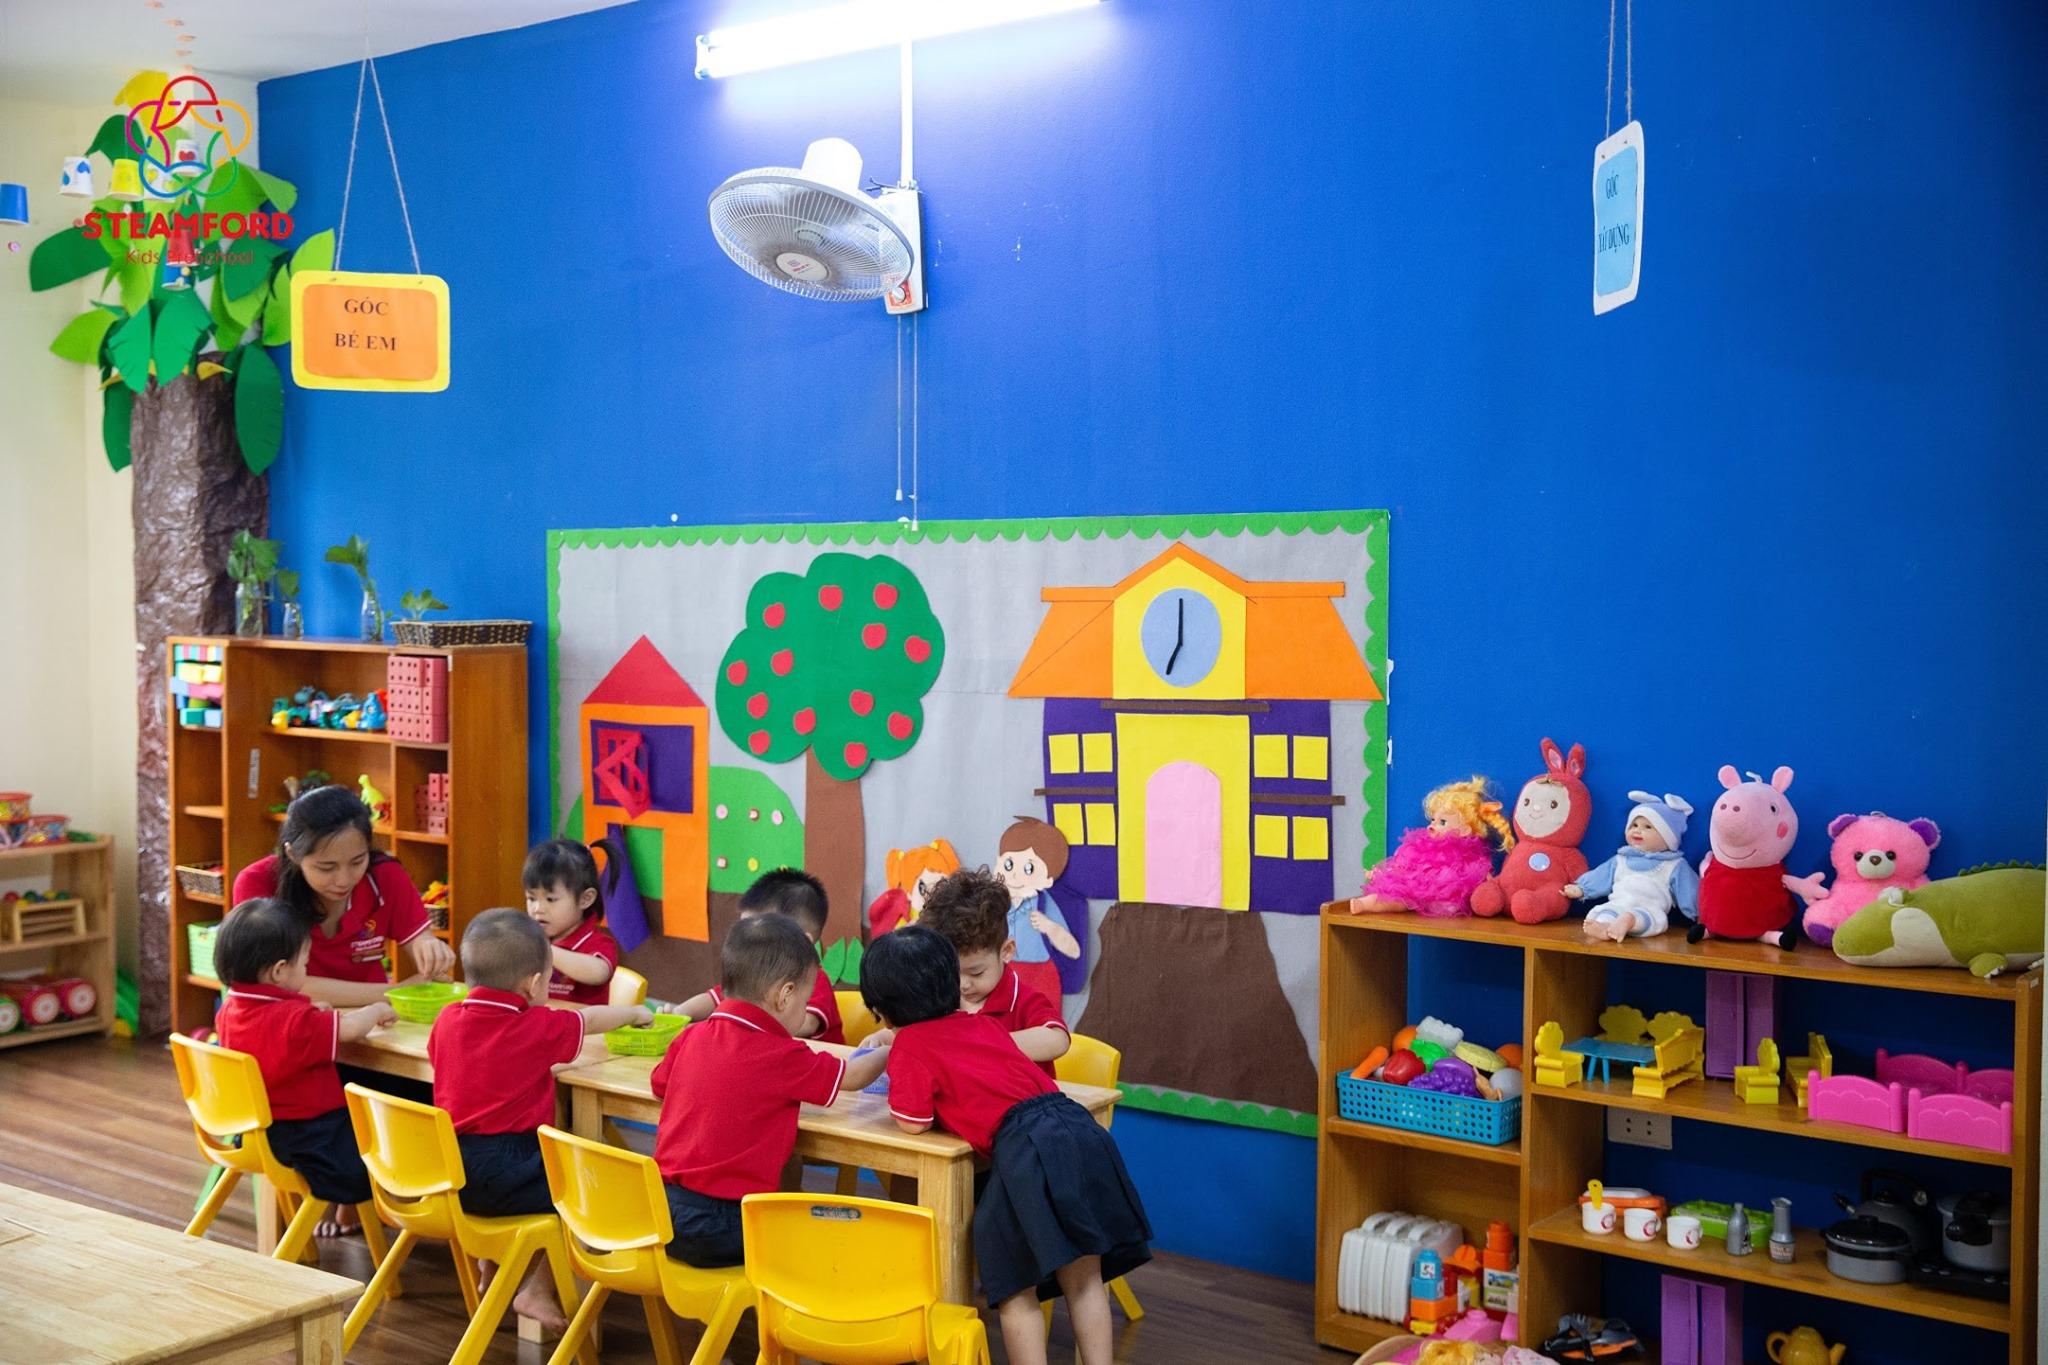 ưu đãi tuyển sinh của Trường mầm non Steamford Kids - Giáp Nhất